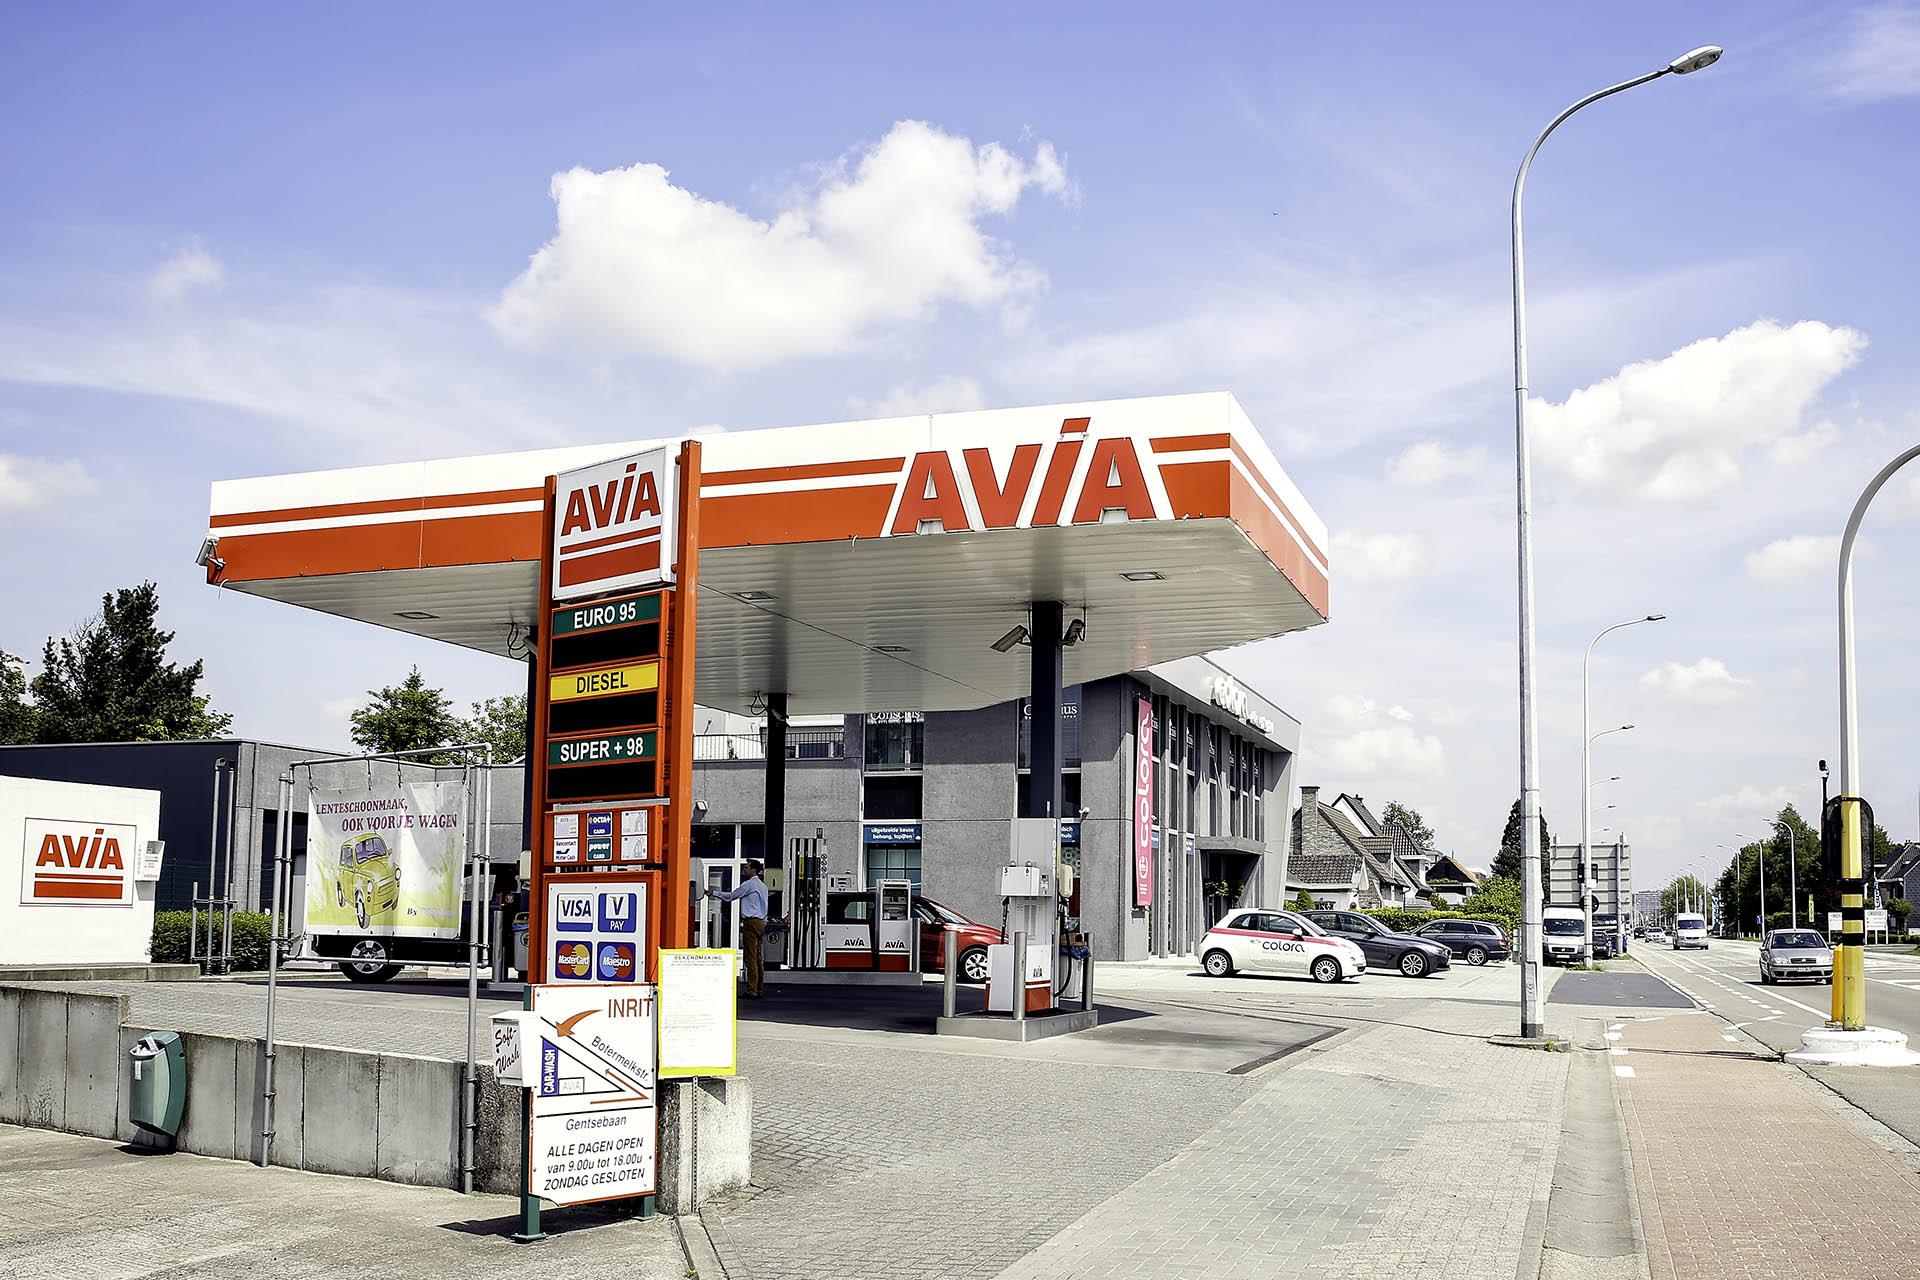 Eggo Keukens Sint Niklaas Openingsuren : Avia – Avia St Niklaas, Gentse Baan 73